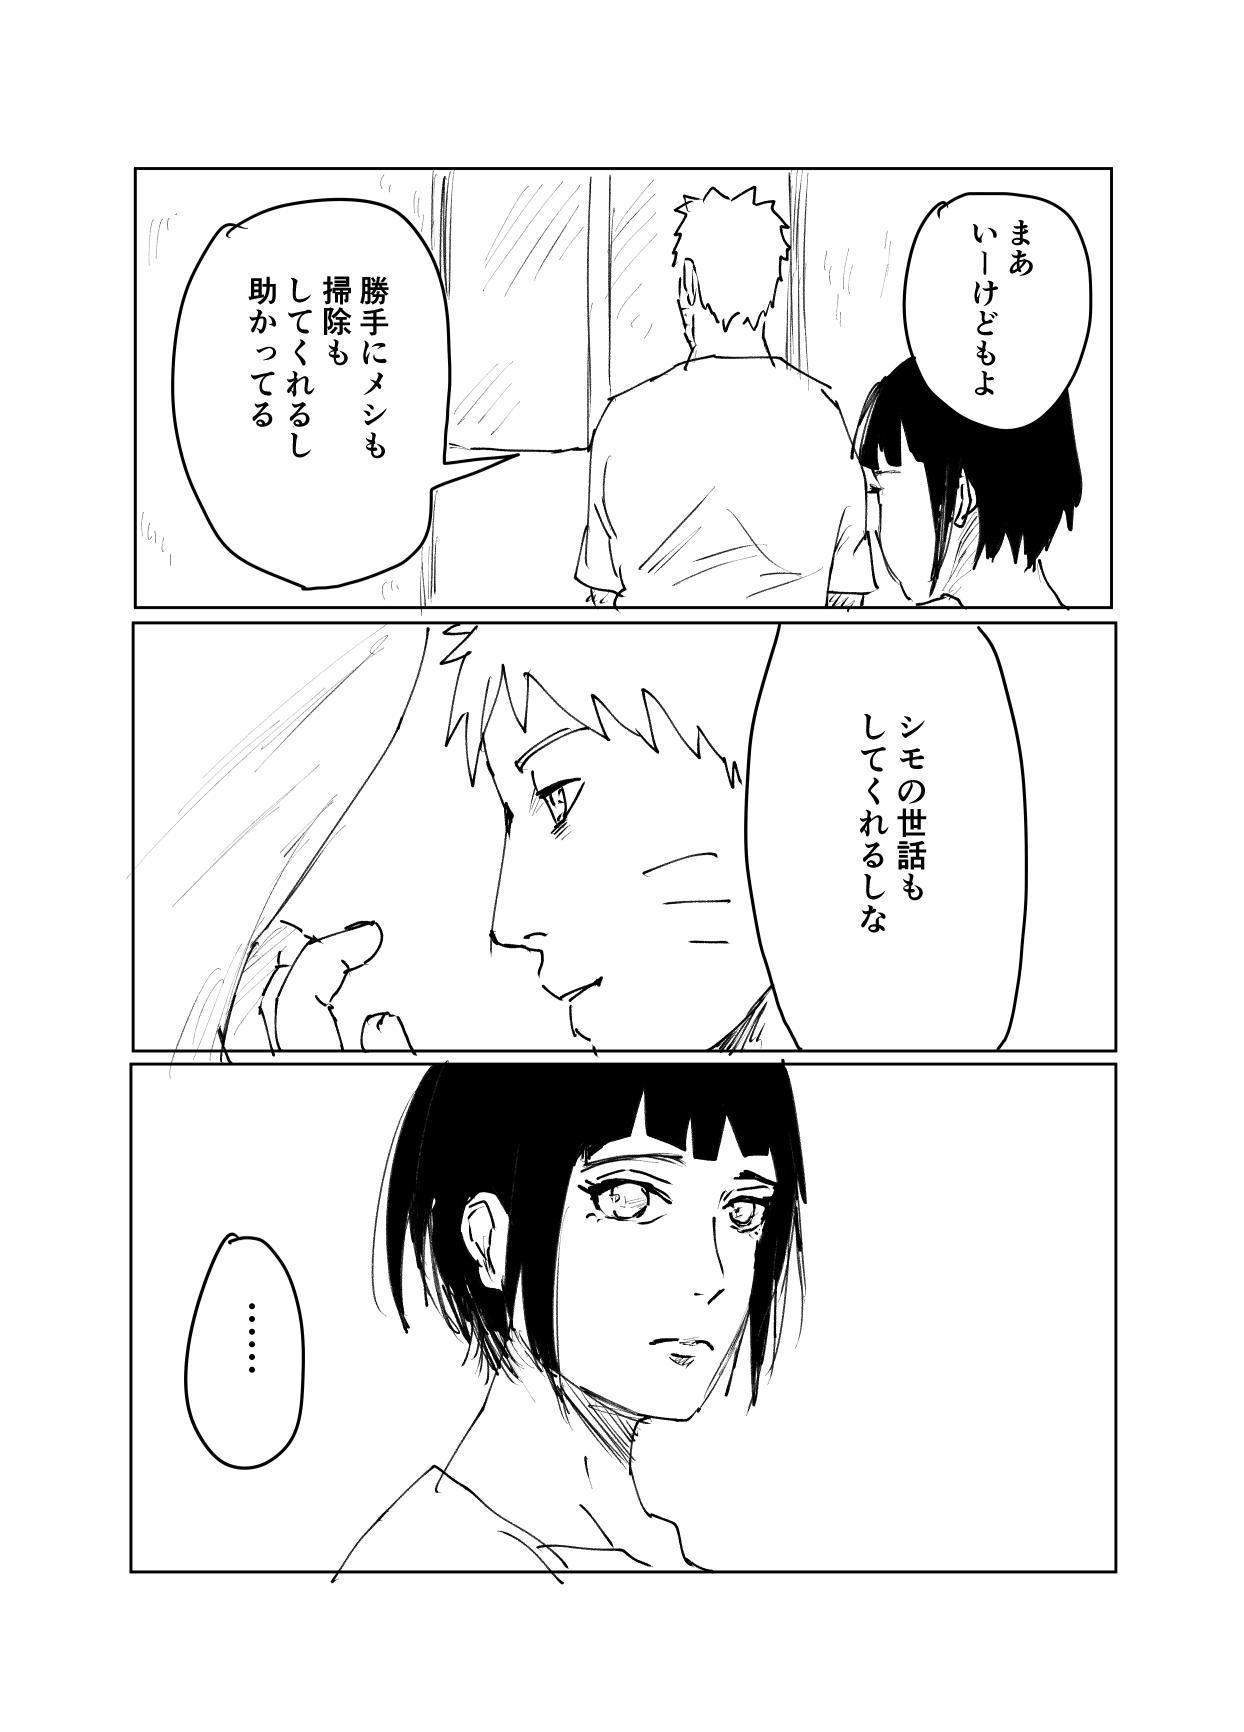 嘘告白漫画 92